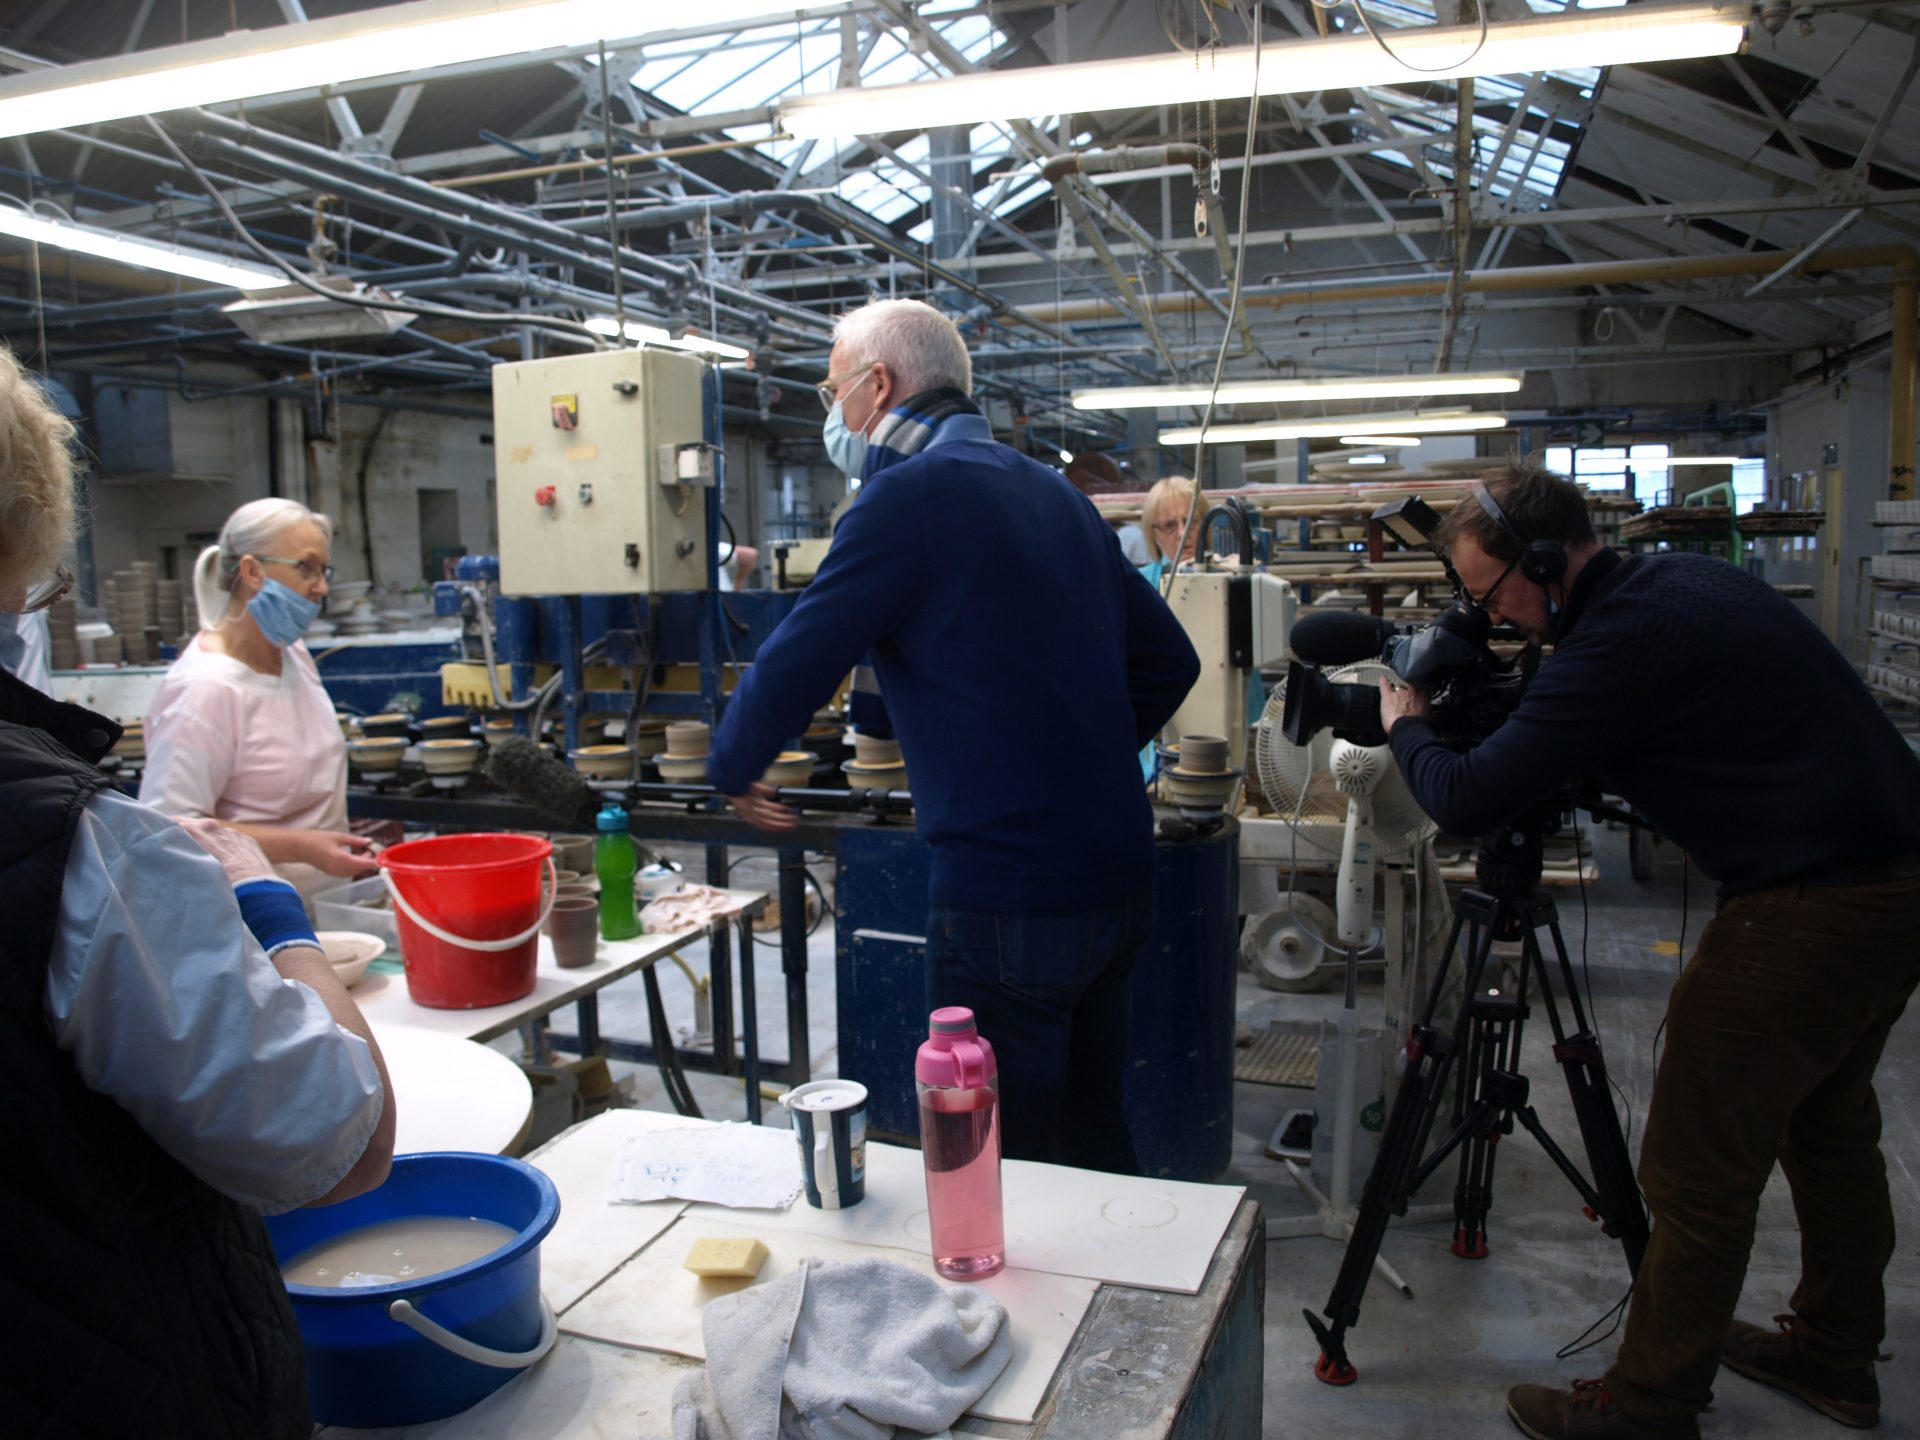 Sky News comes to Royal Stafford